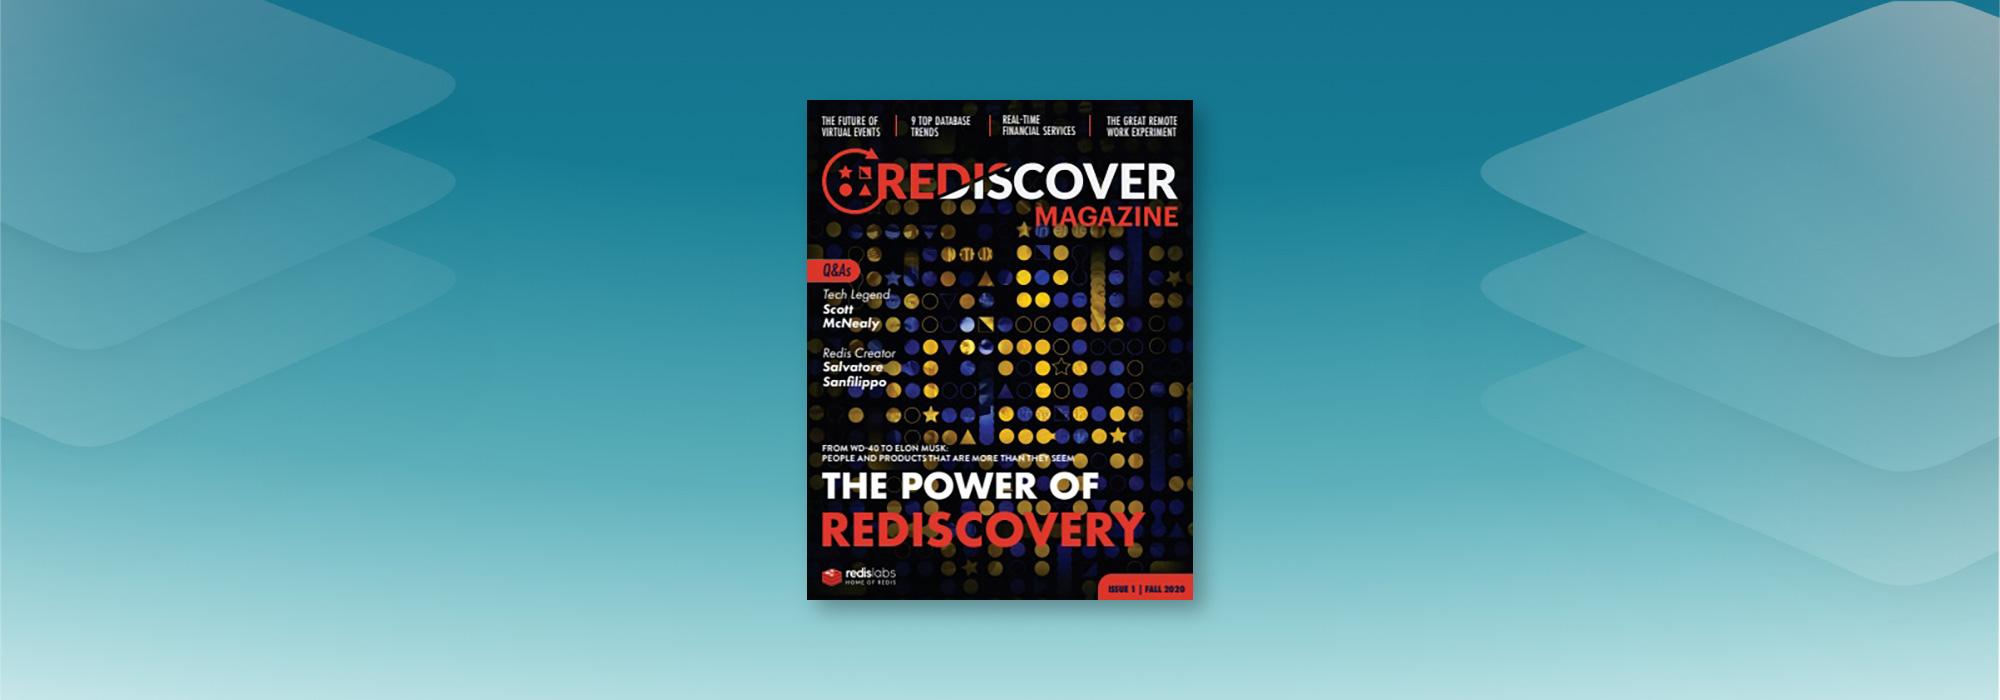 Blog da AdviseU - Revista Rediscover